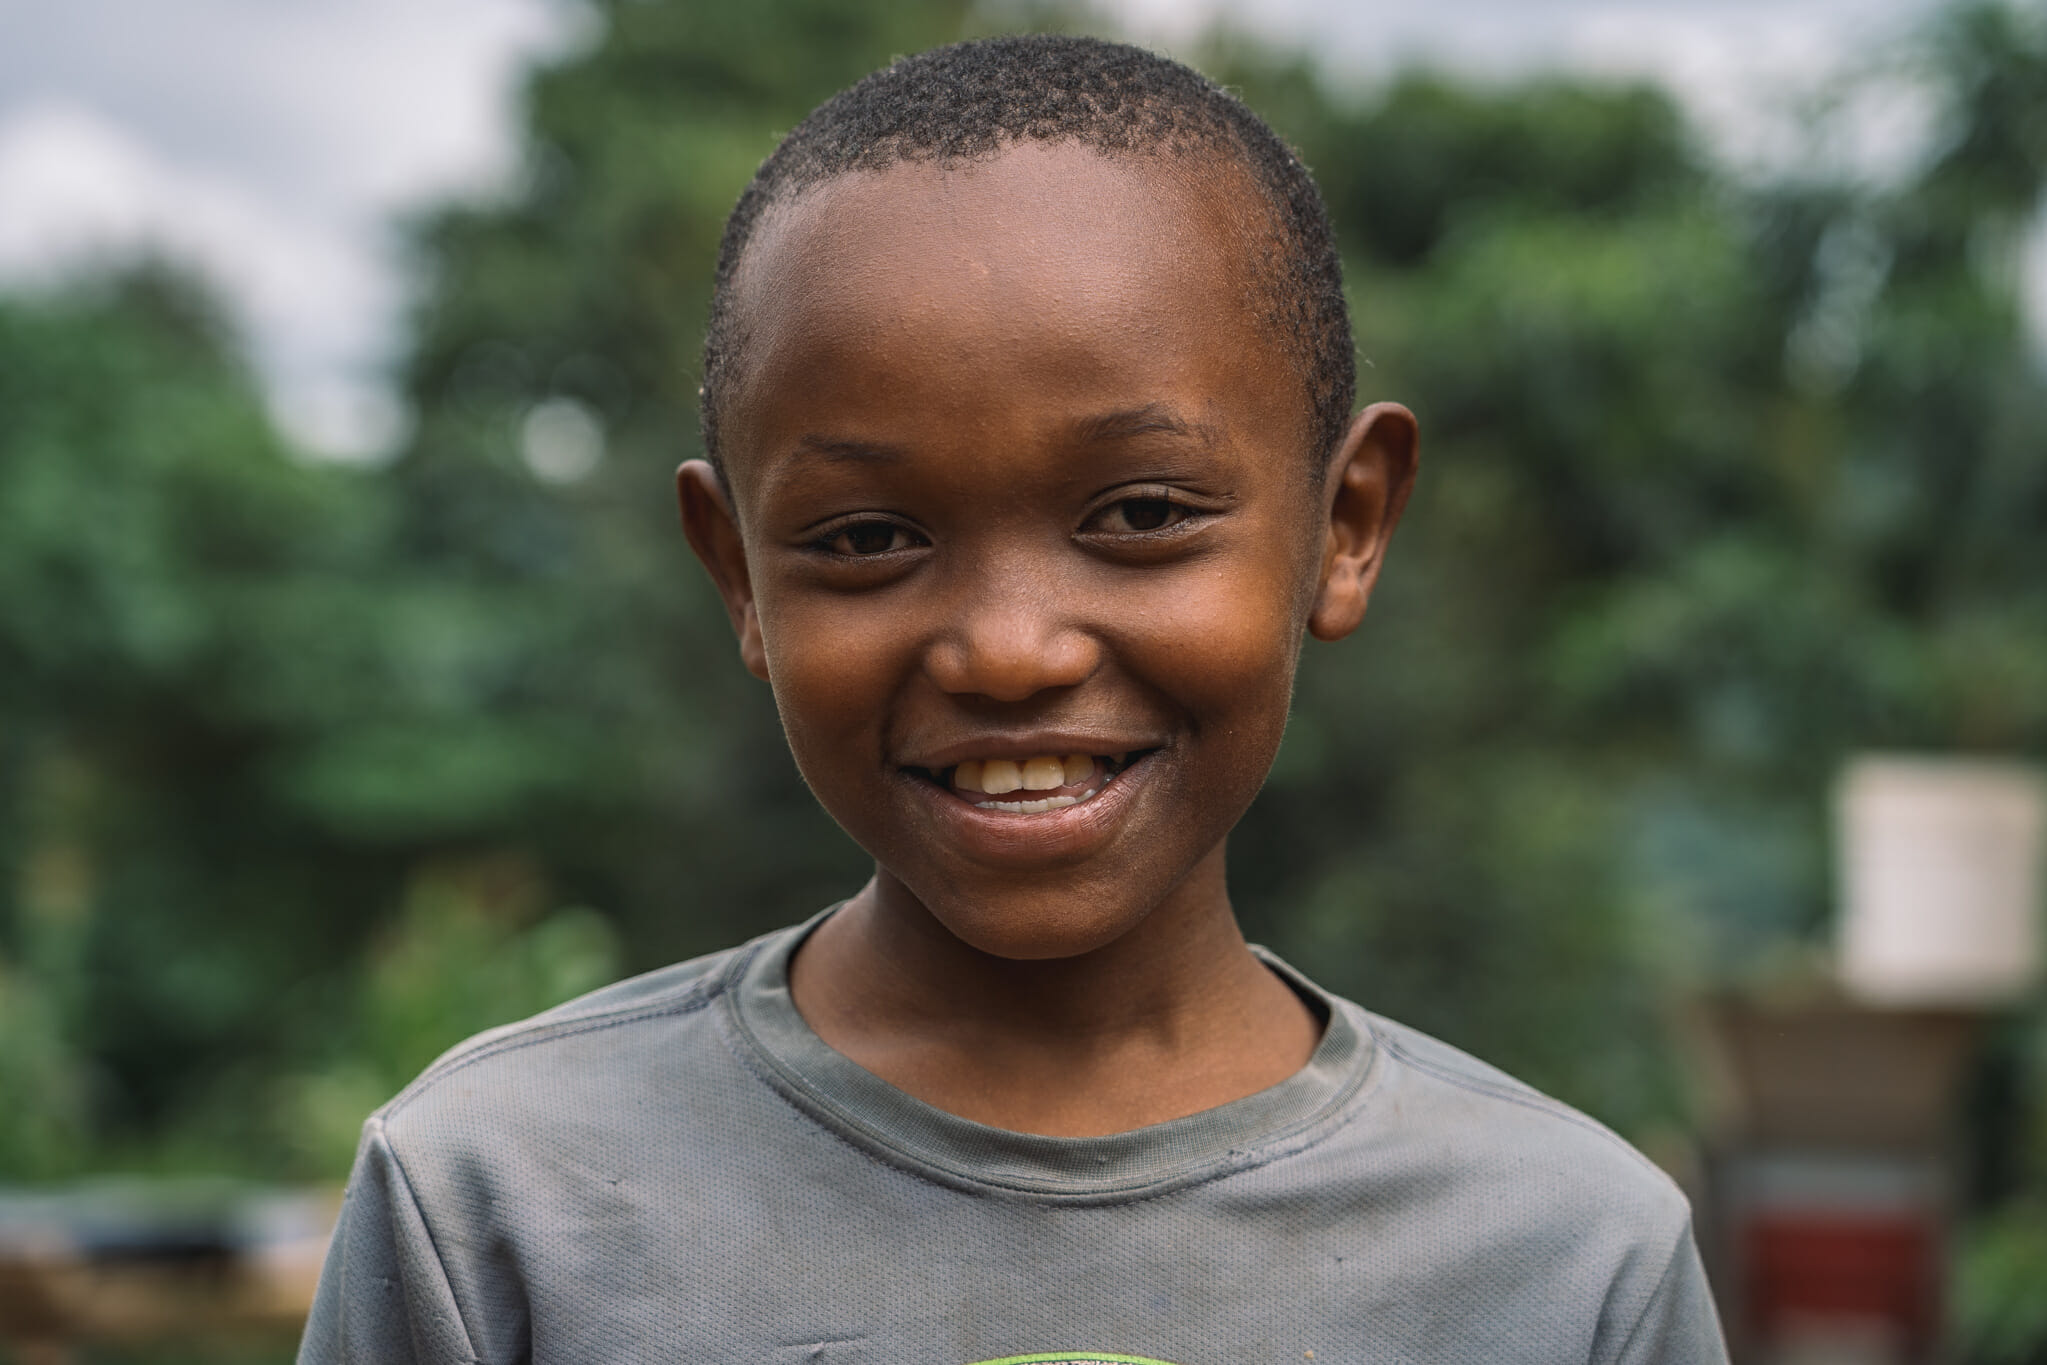 u coeur d'une ferme de café familiale en Tanzanie, moment de rigolade avec les enfants des fondateurs